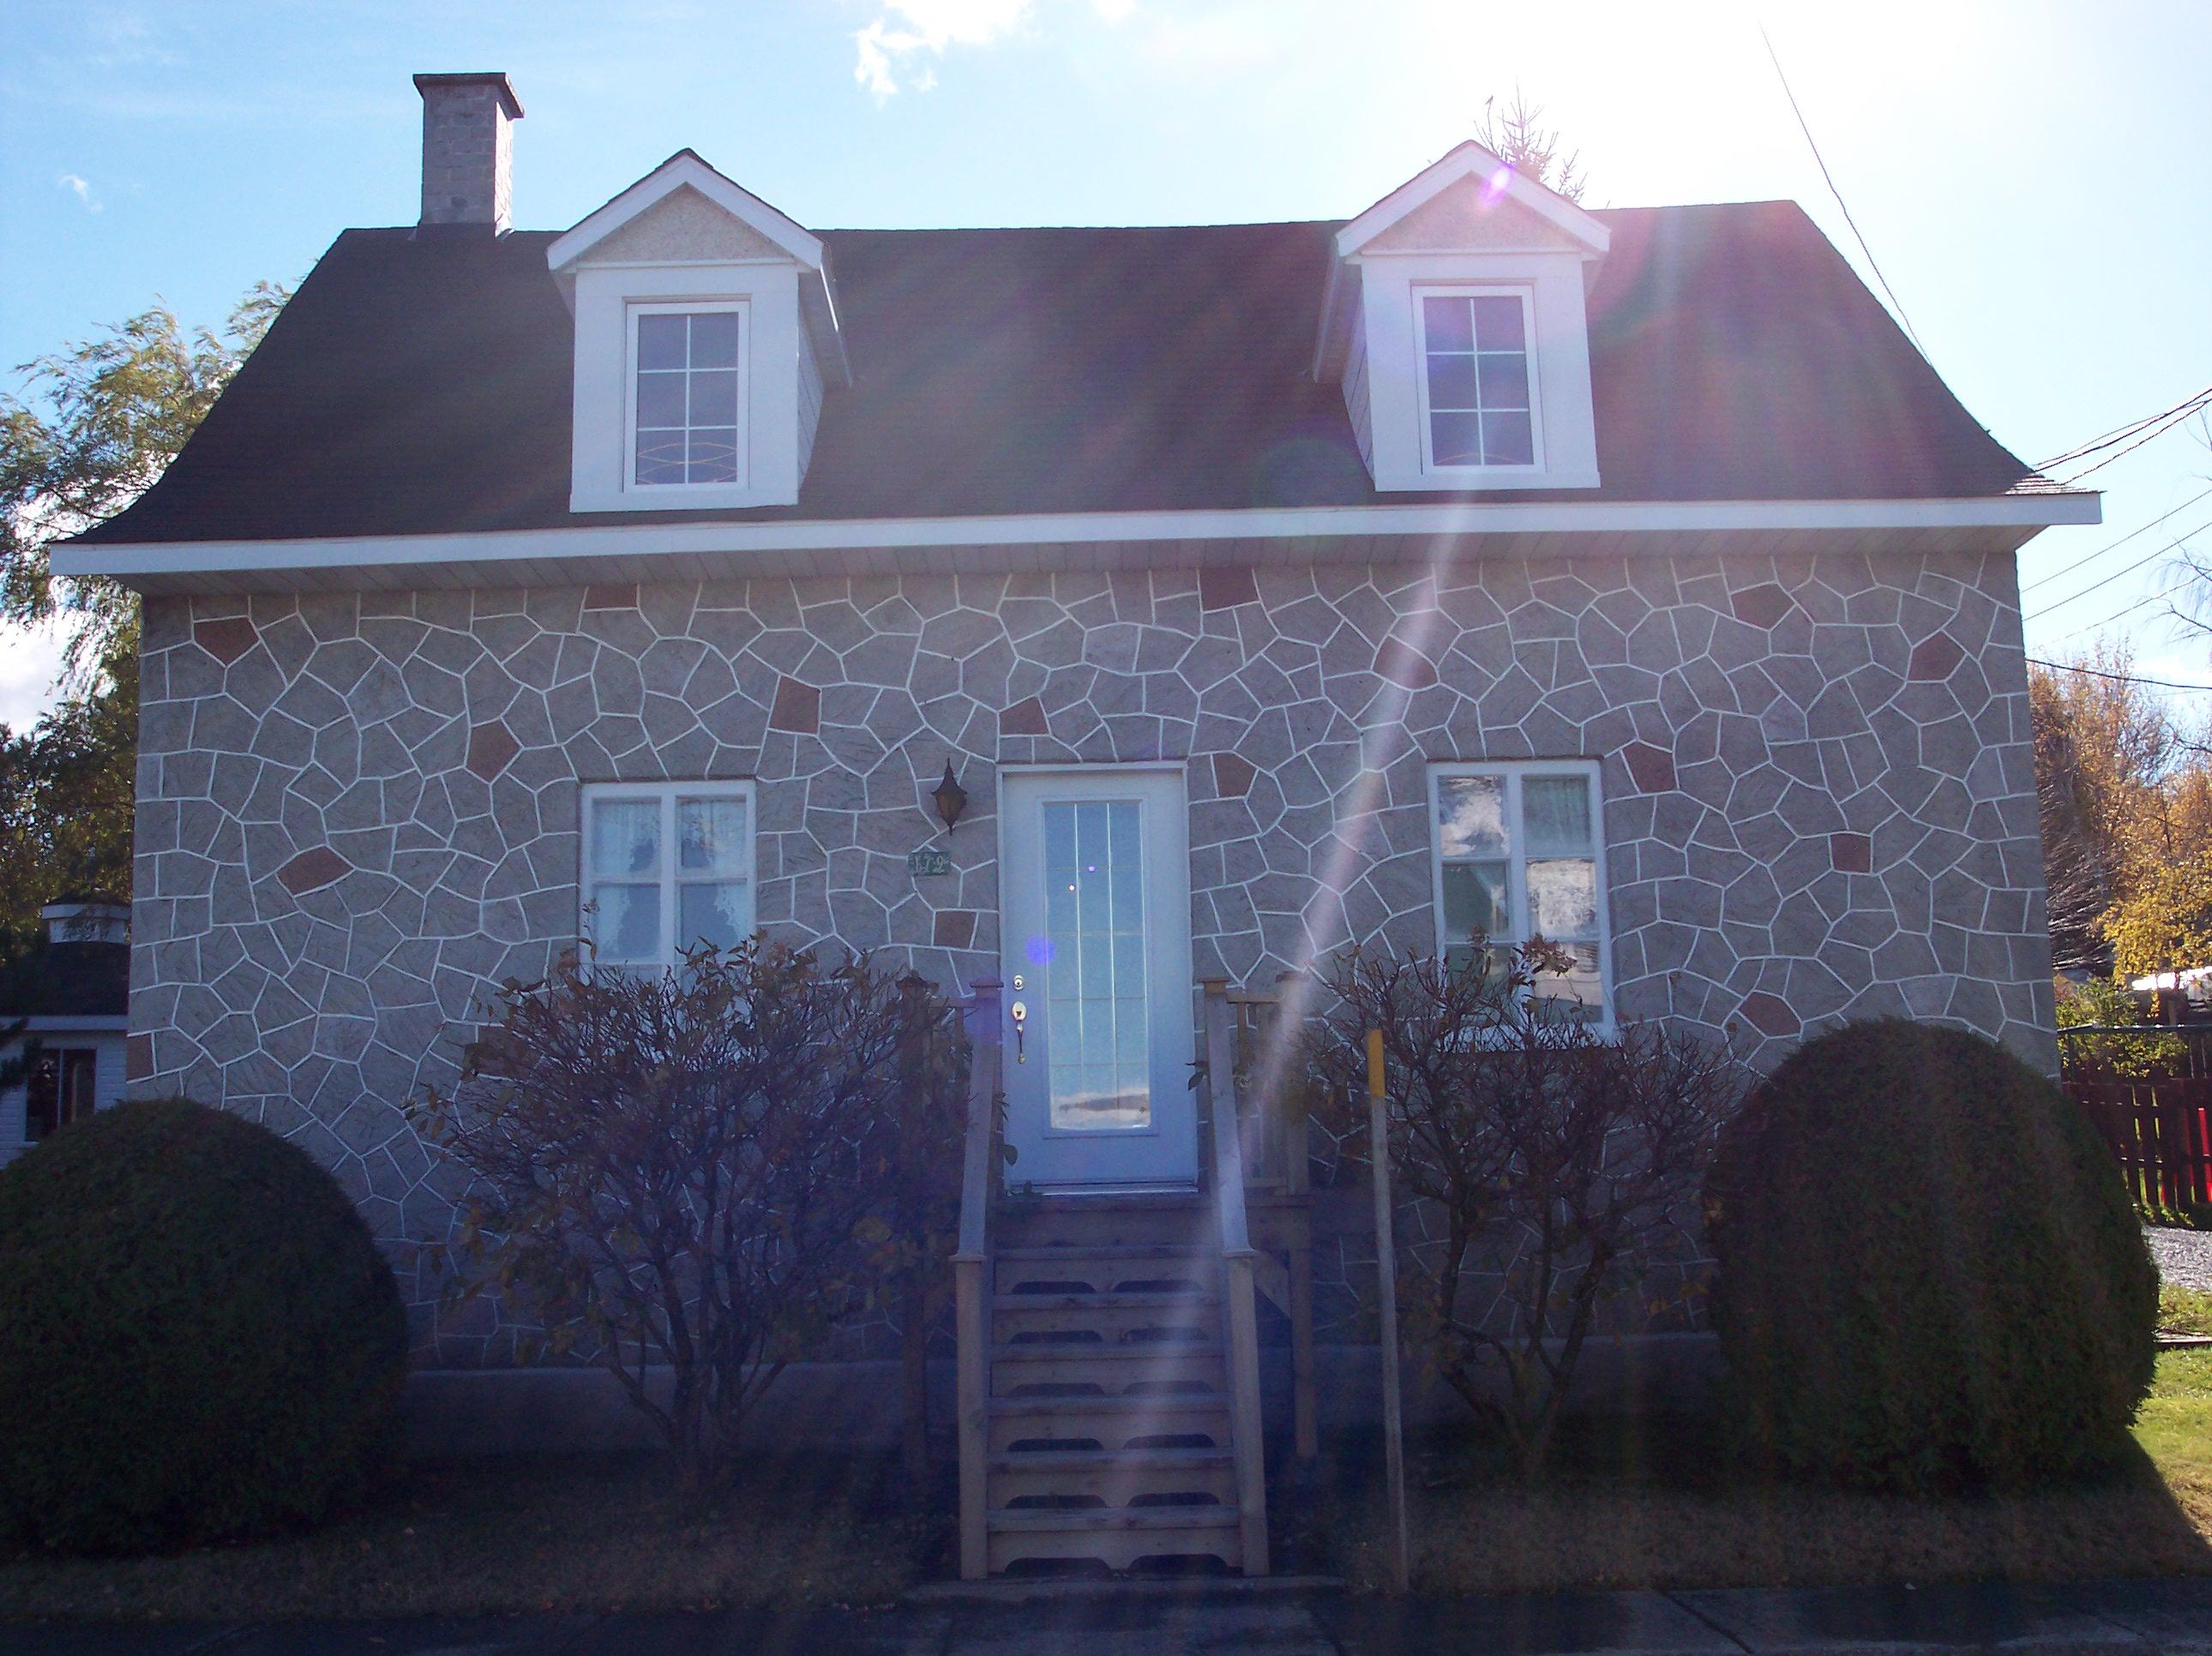 2563 - 179, rue de Sainte-Cécile-du-Bic